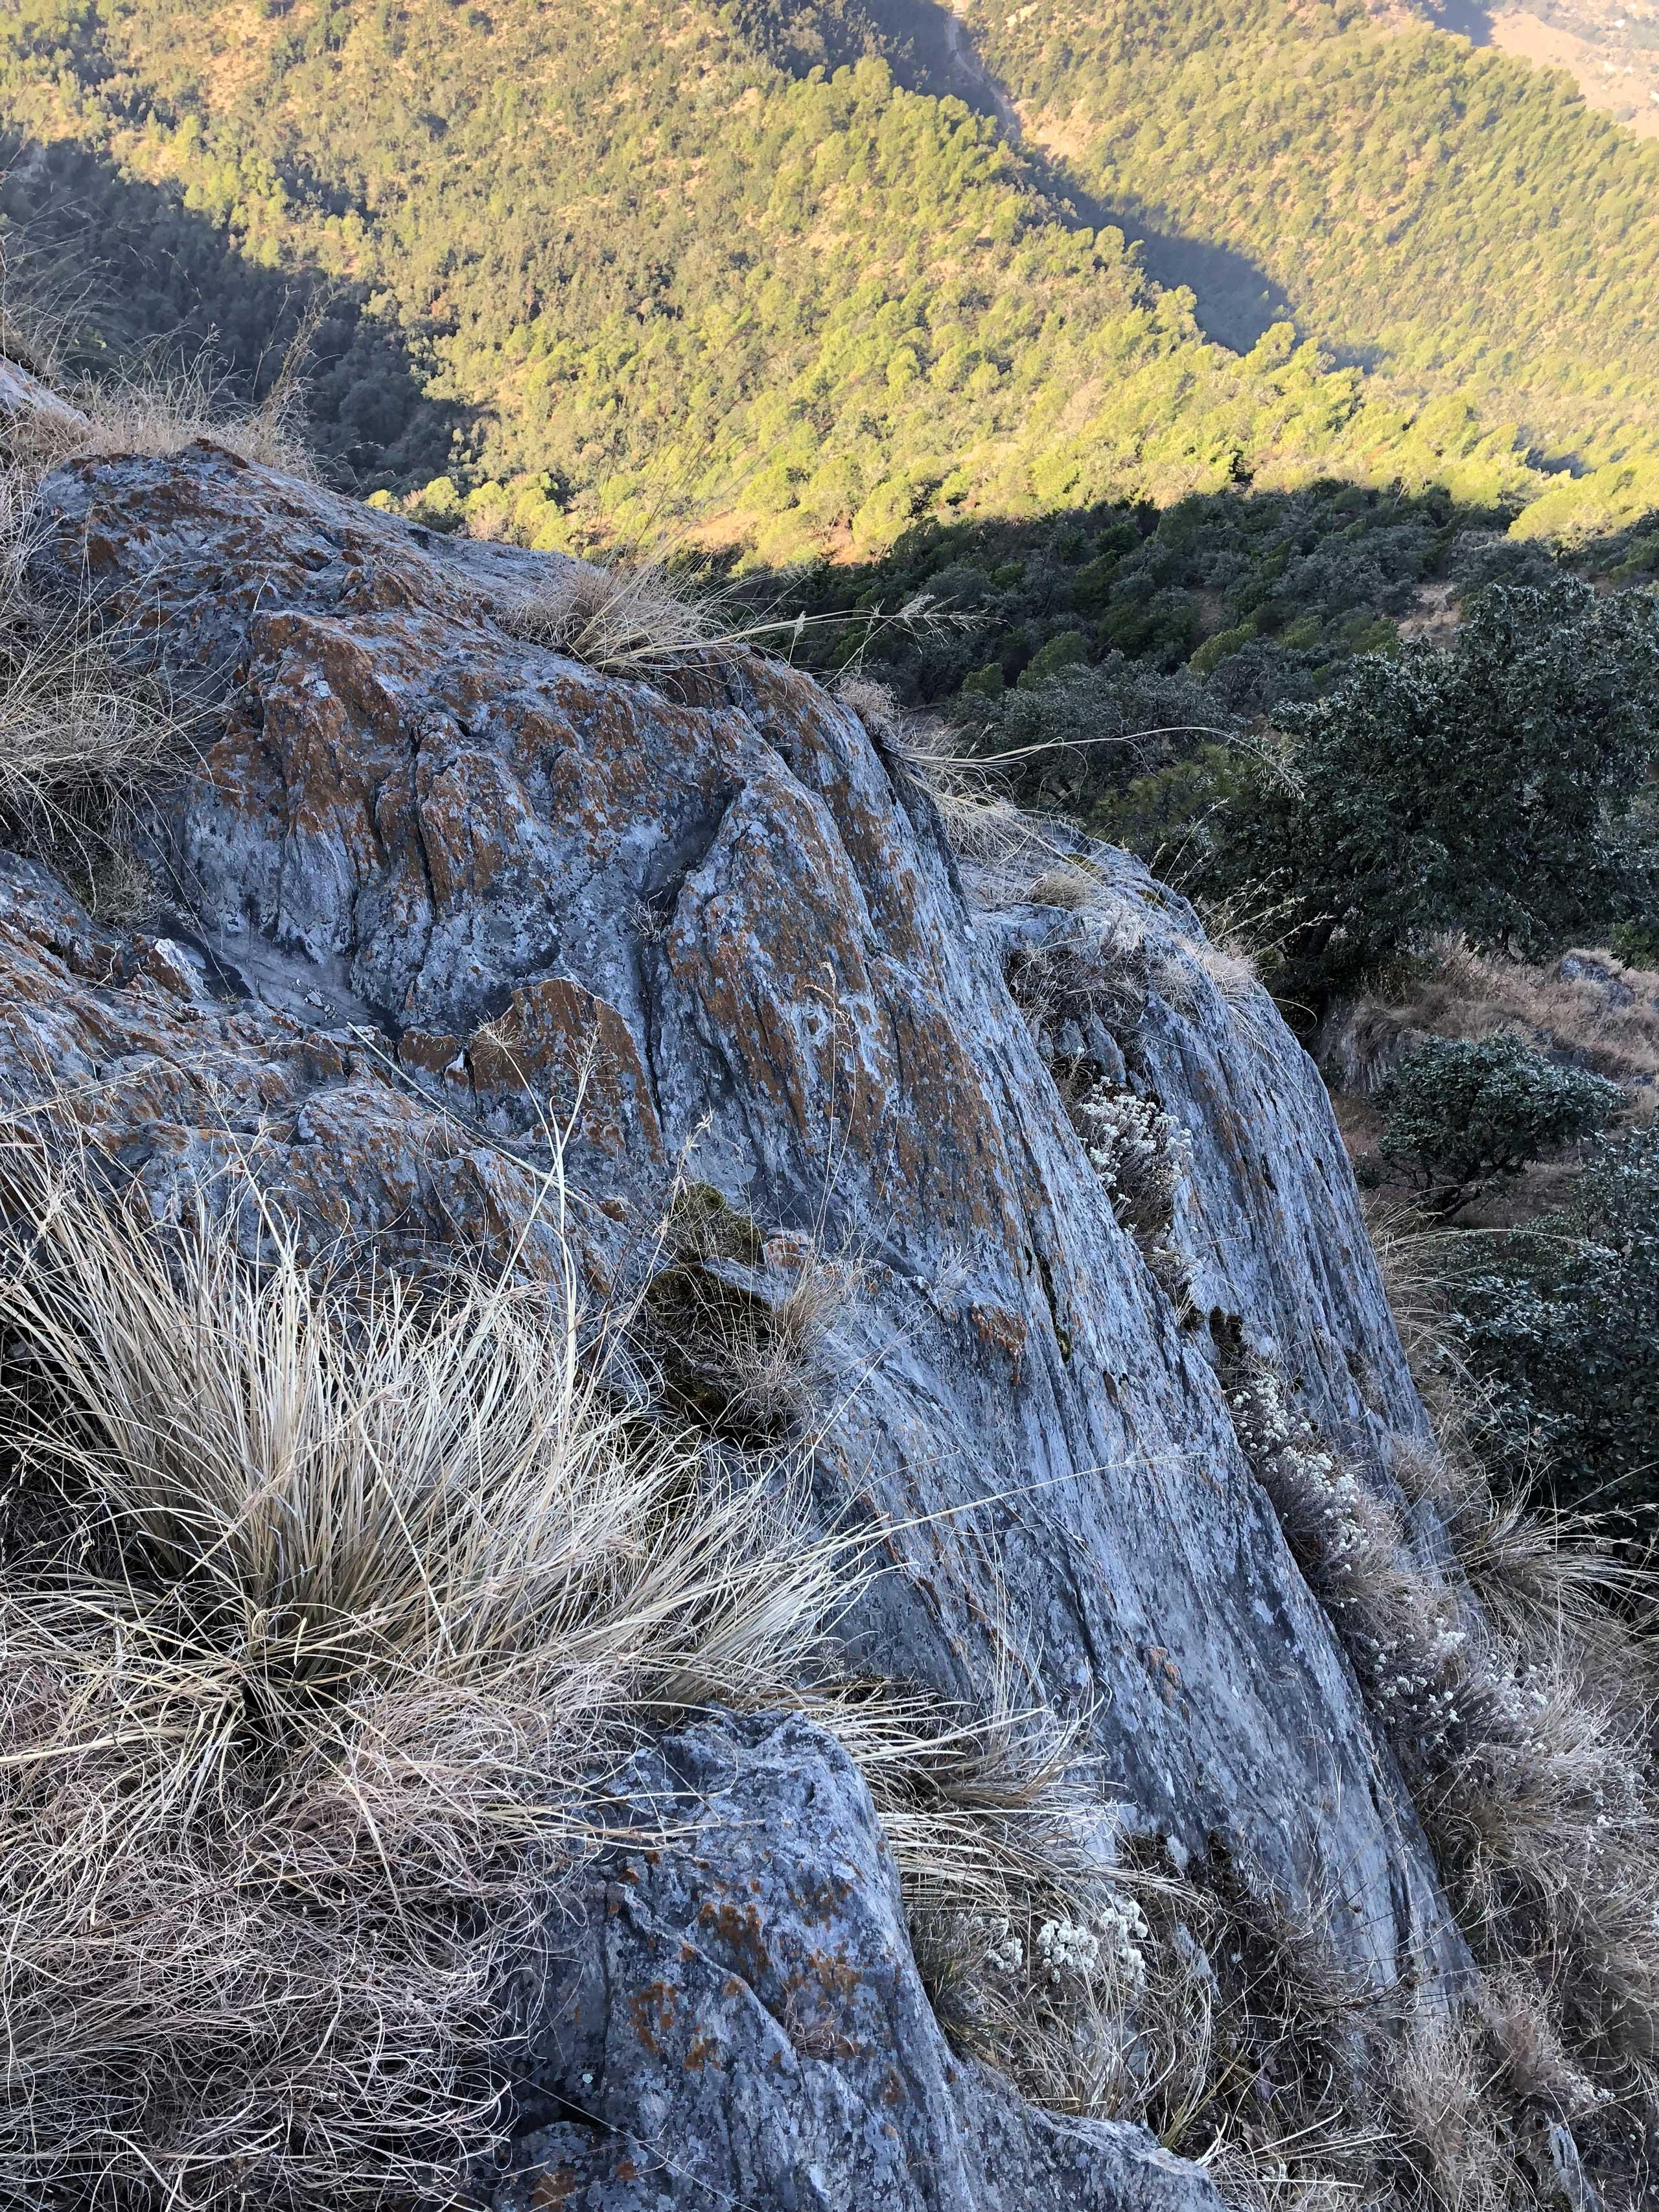 Himalayas, Rock Cliff